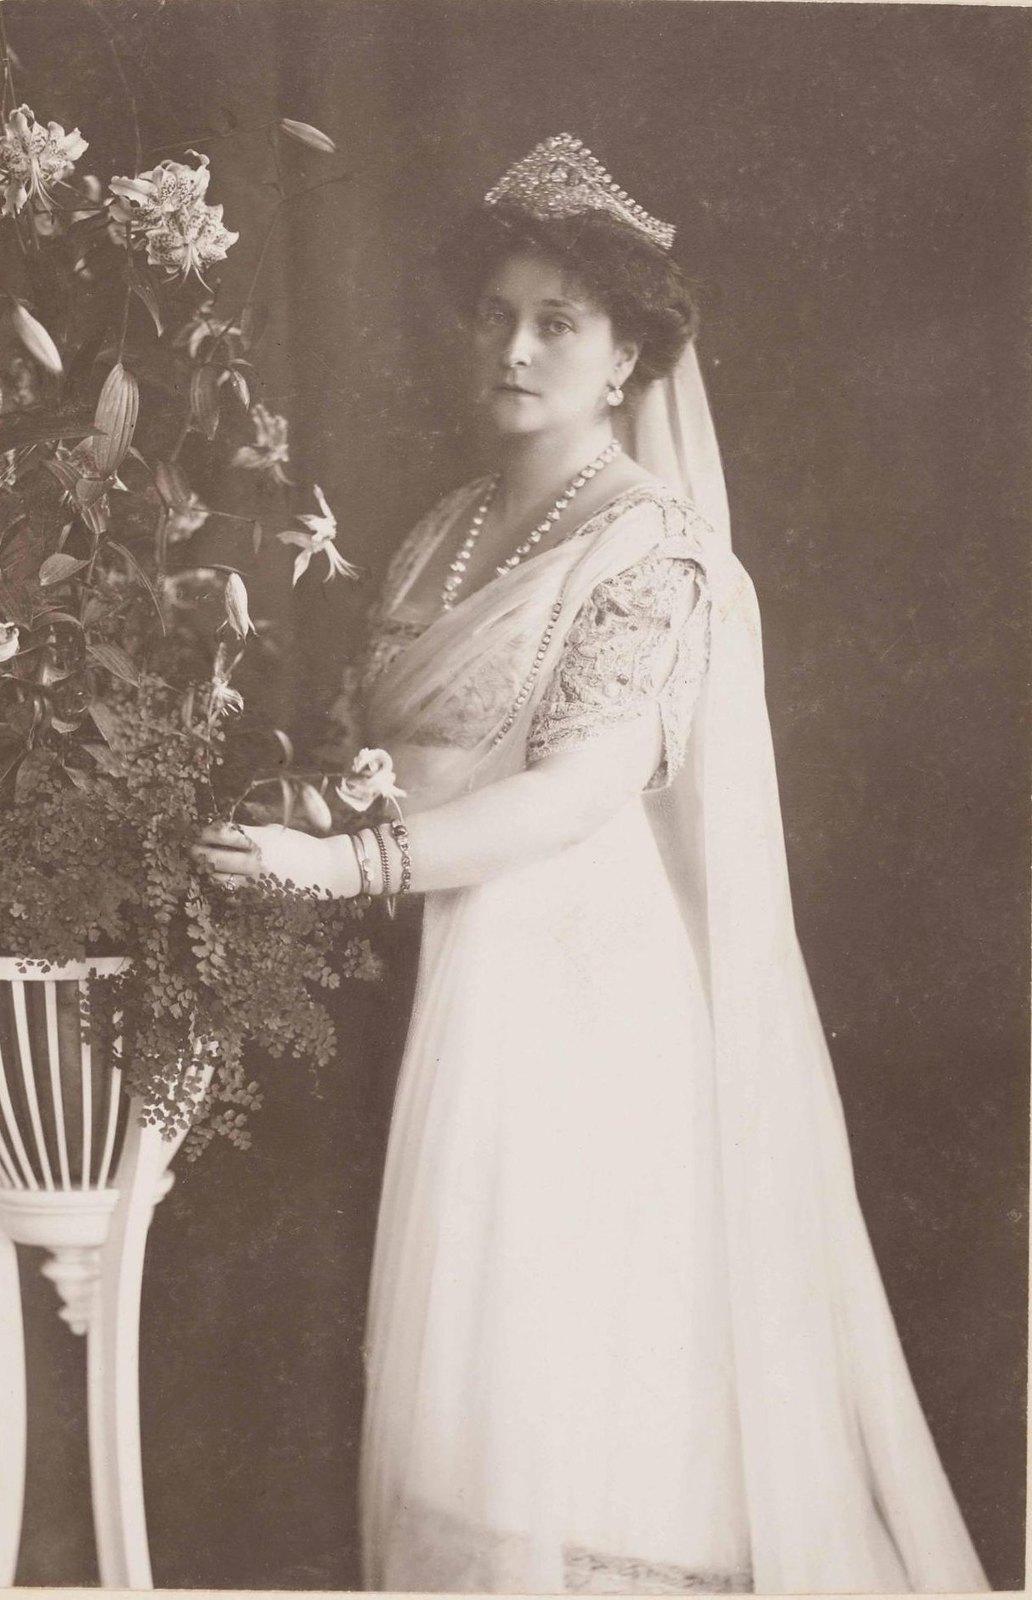 1913. Портрет императрицы Александры Фёдоровны